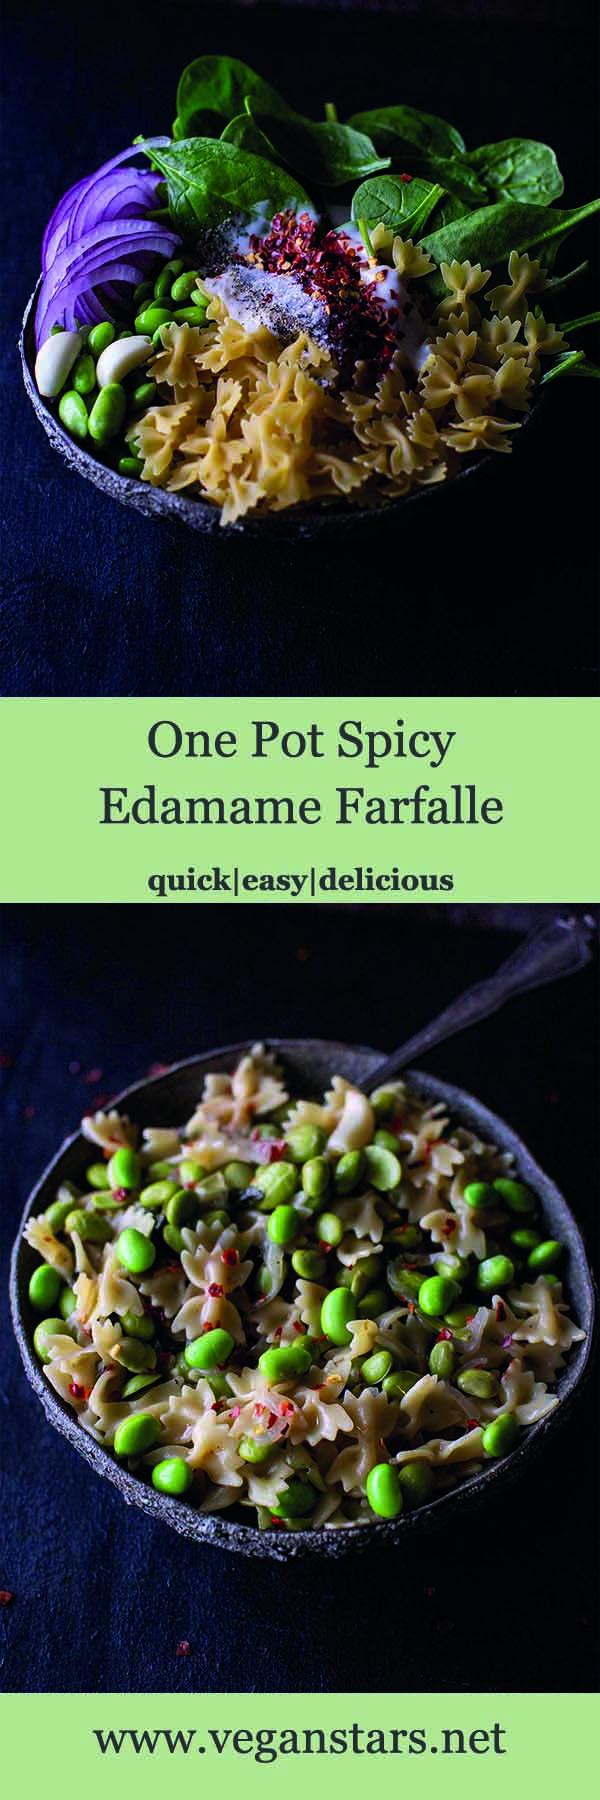 One Pot Spicy Edamame Farfalle